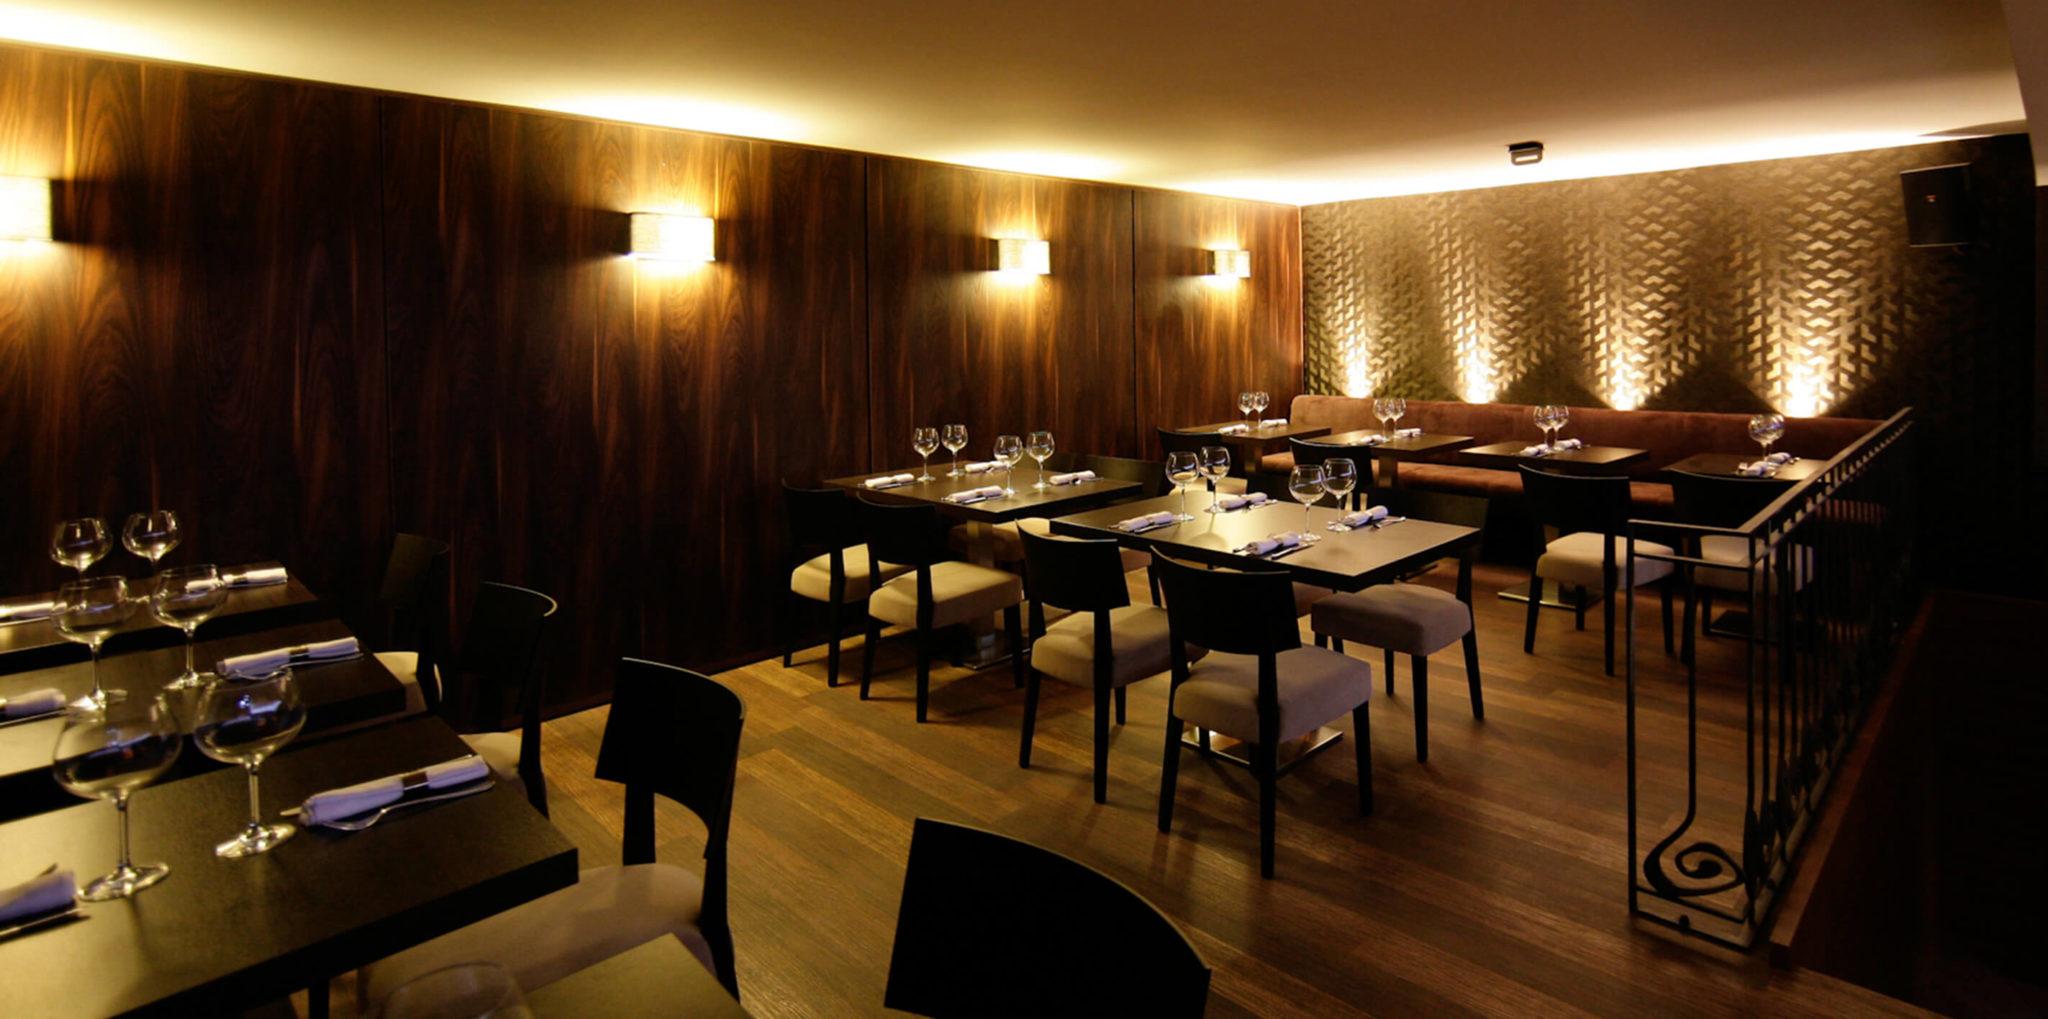 Restaurant NomNom